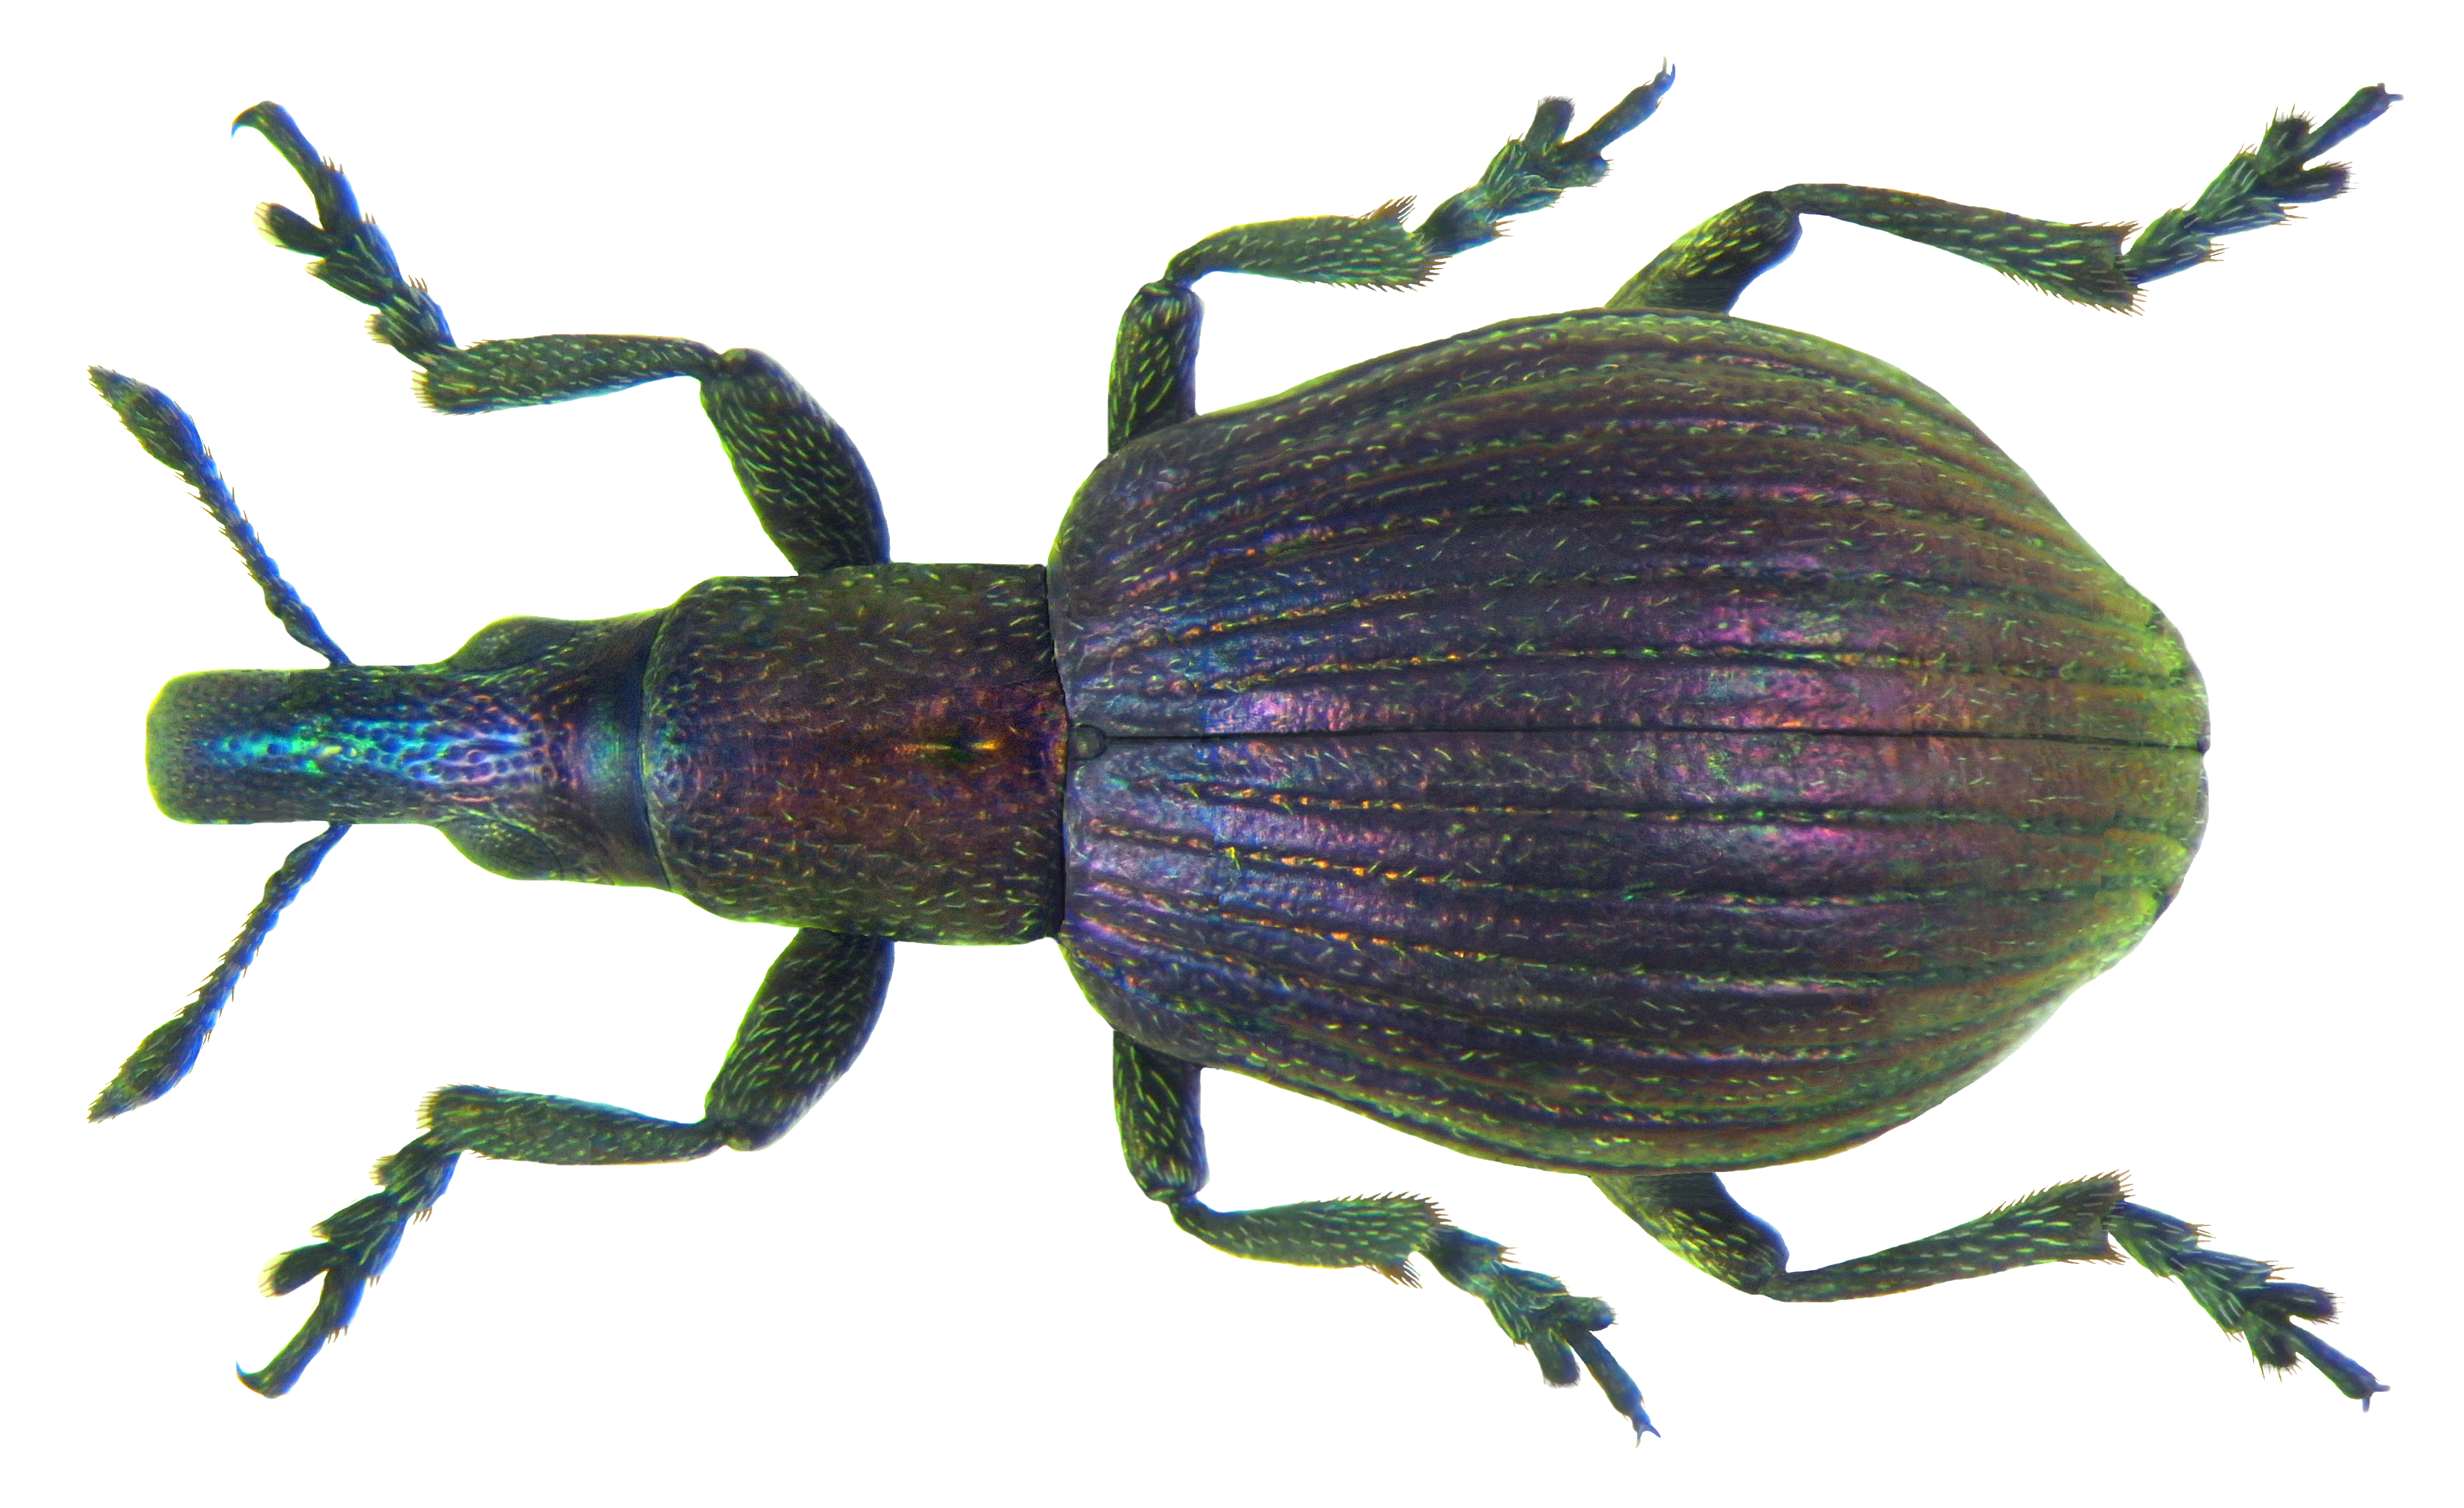 File:Pseudaplemonus limonii (Kirby, 1808) (7446704030).png